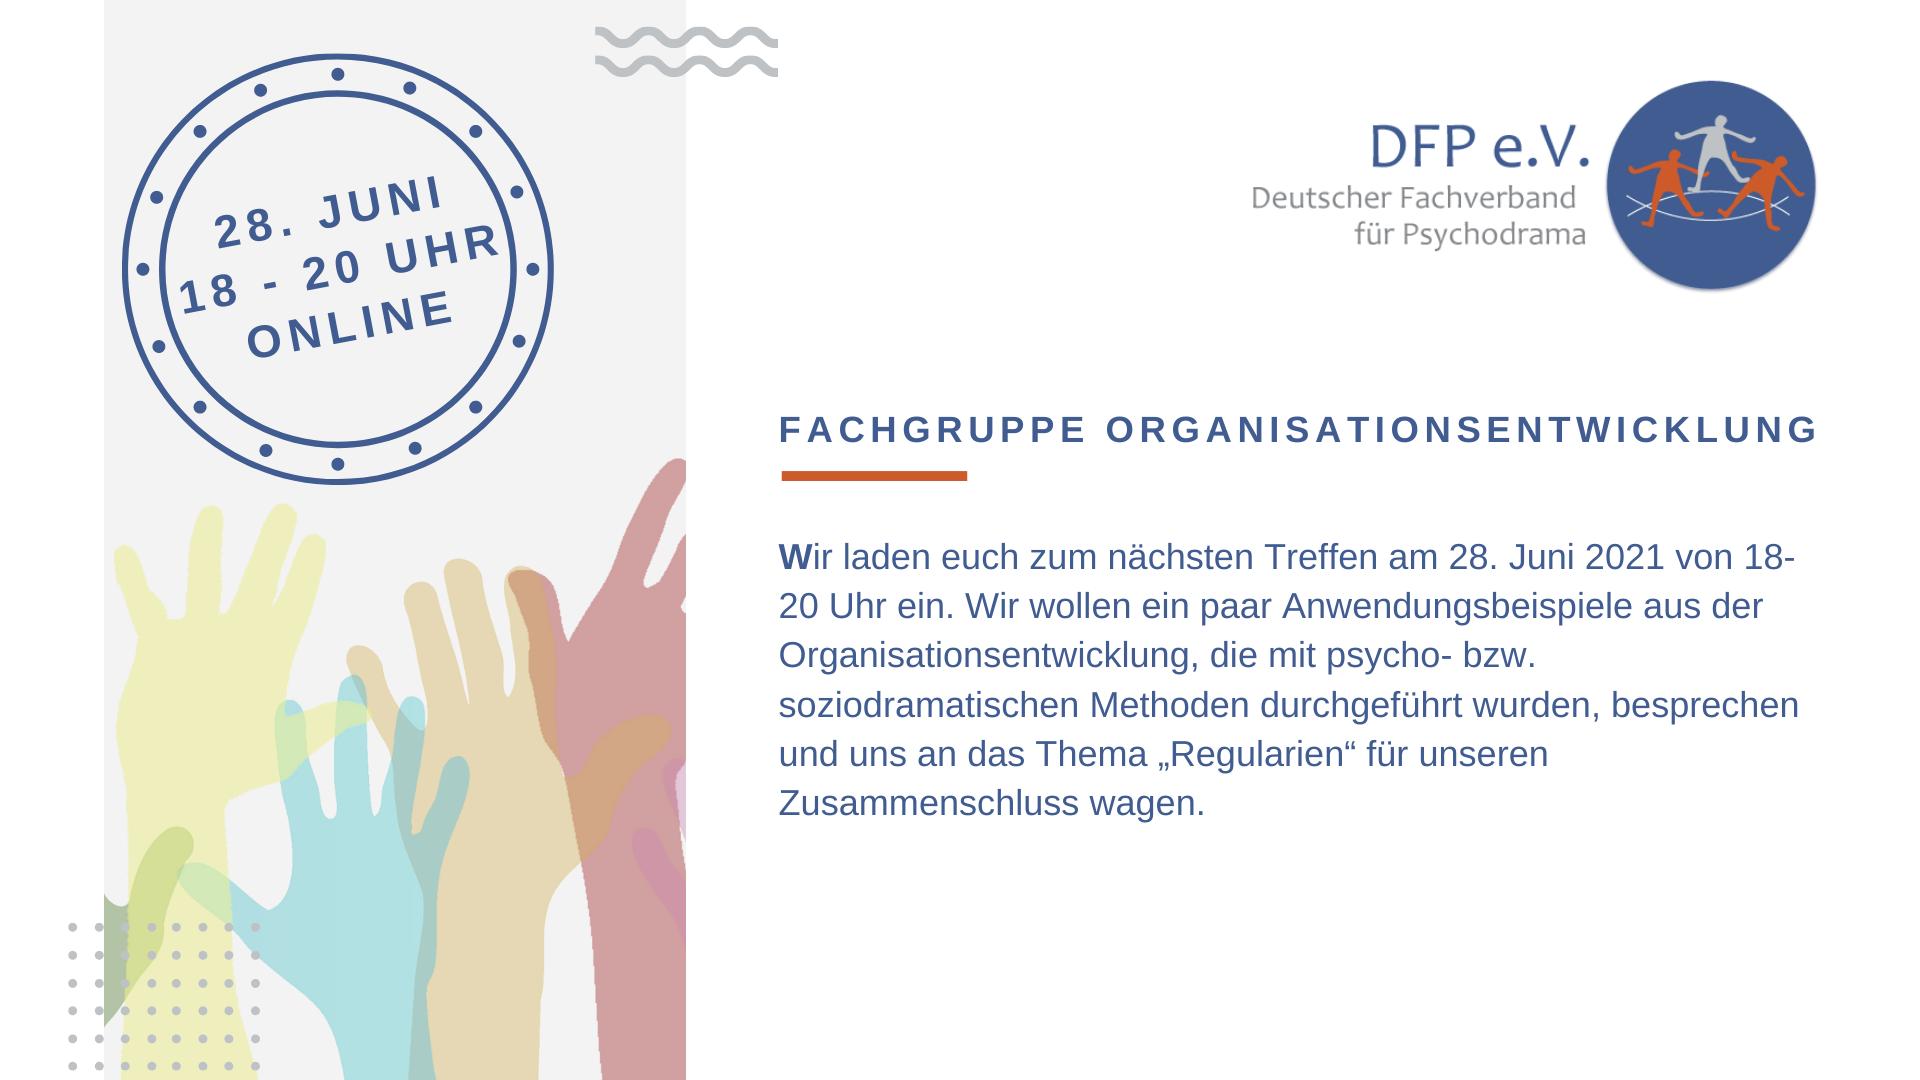 Fachgruppe Organisationsentwicklung – nächster Termin 28. Juni 2021